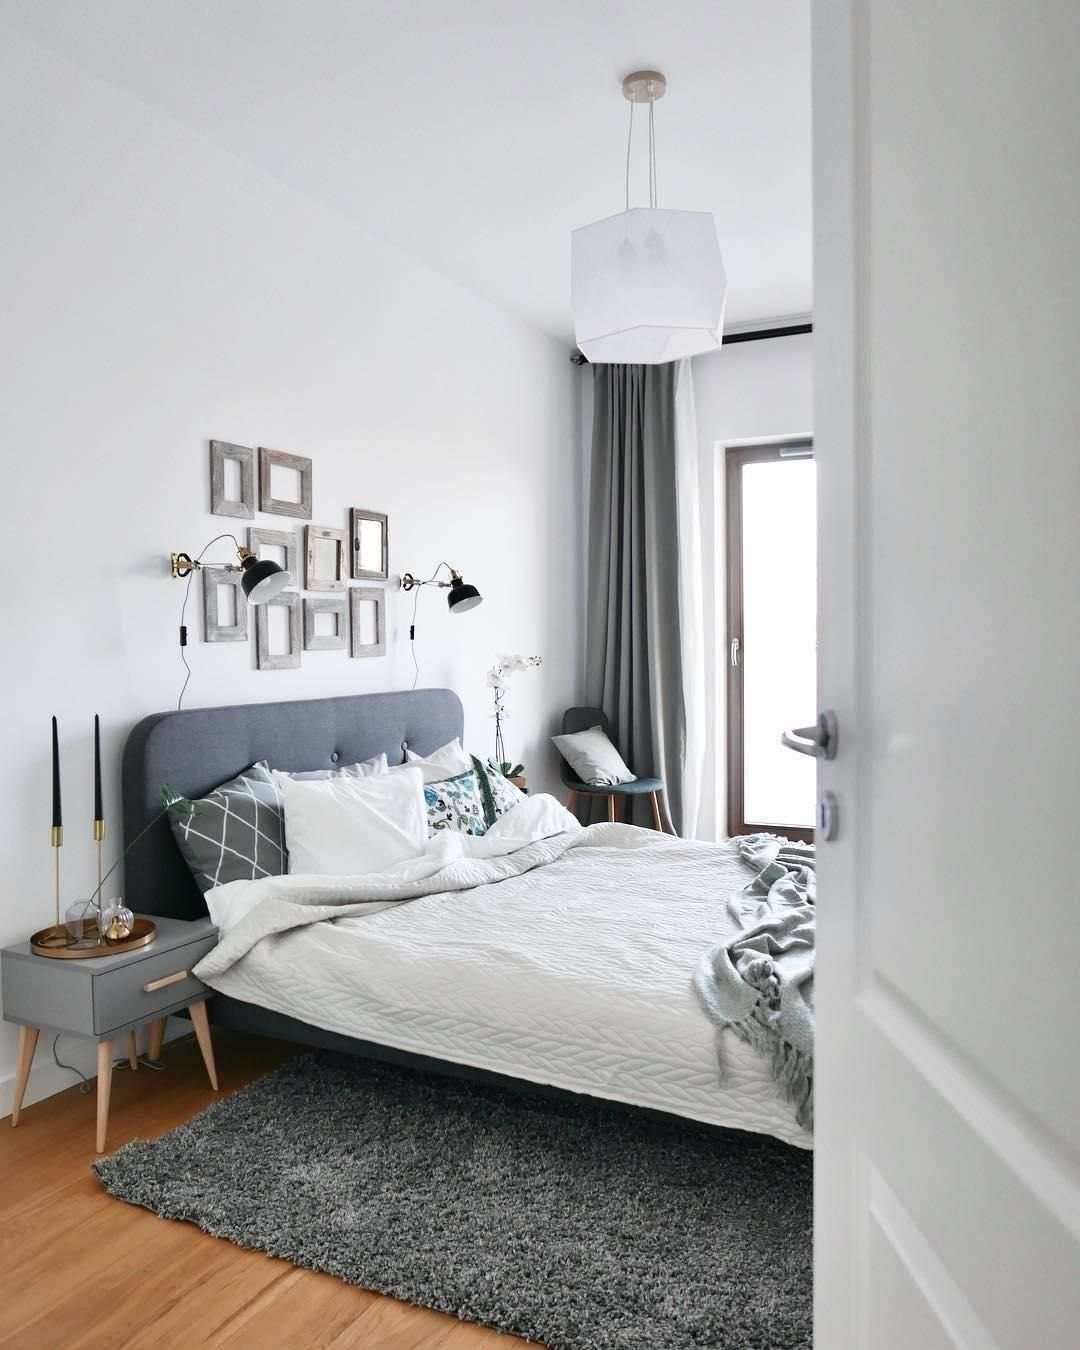 Eisen Deko Elegant 39 Inspirierend Wanddeko Wohnzimmer Holz Neu